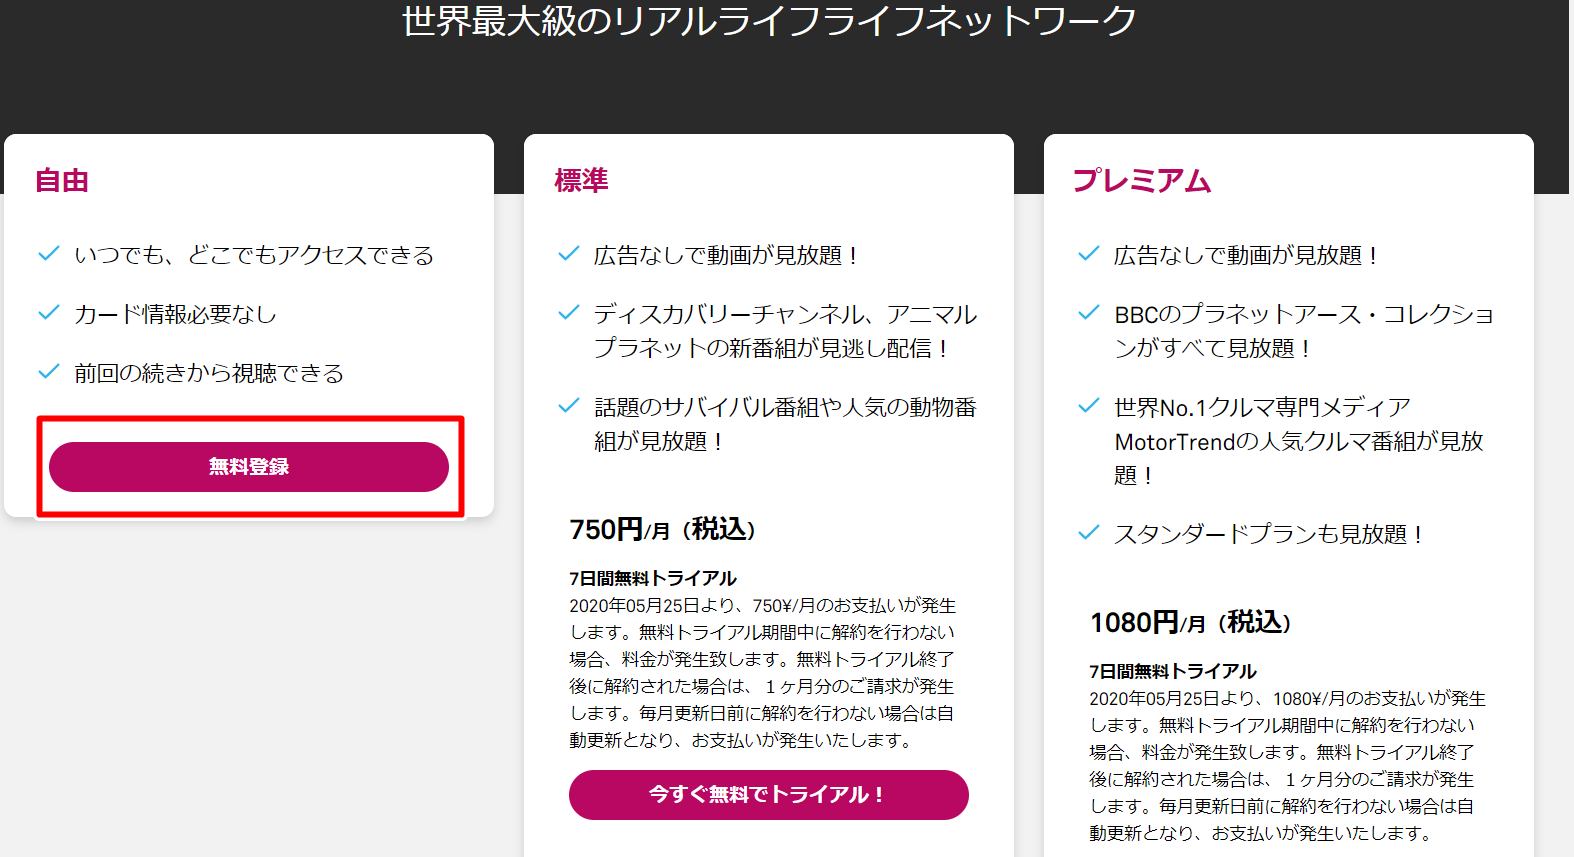 151 1 - ディスカバリーチャンネルが提供する新しい動画配信サービス【Dplay】に有料登録してみました!